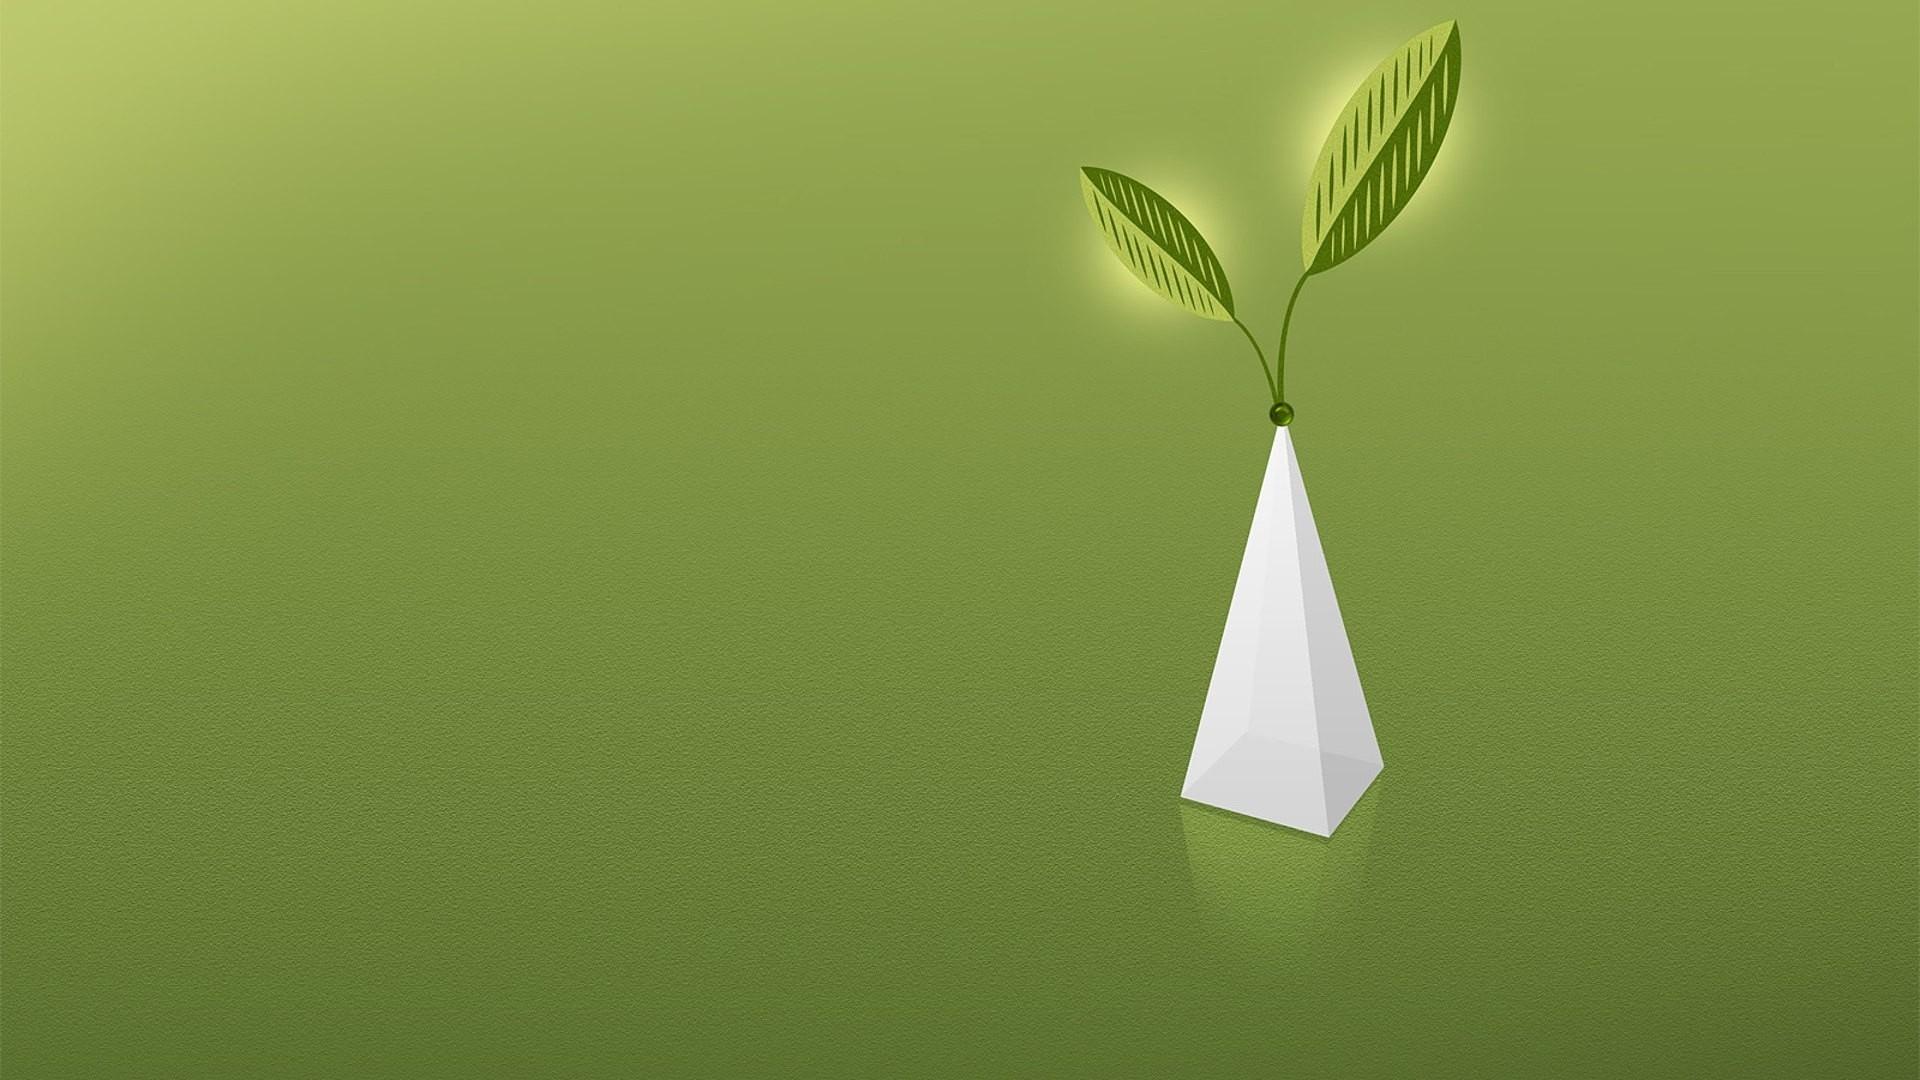 Wallpaper green, vase, white, form